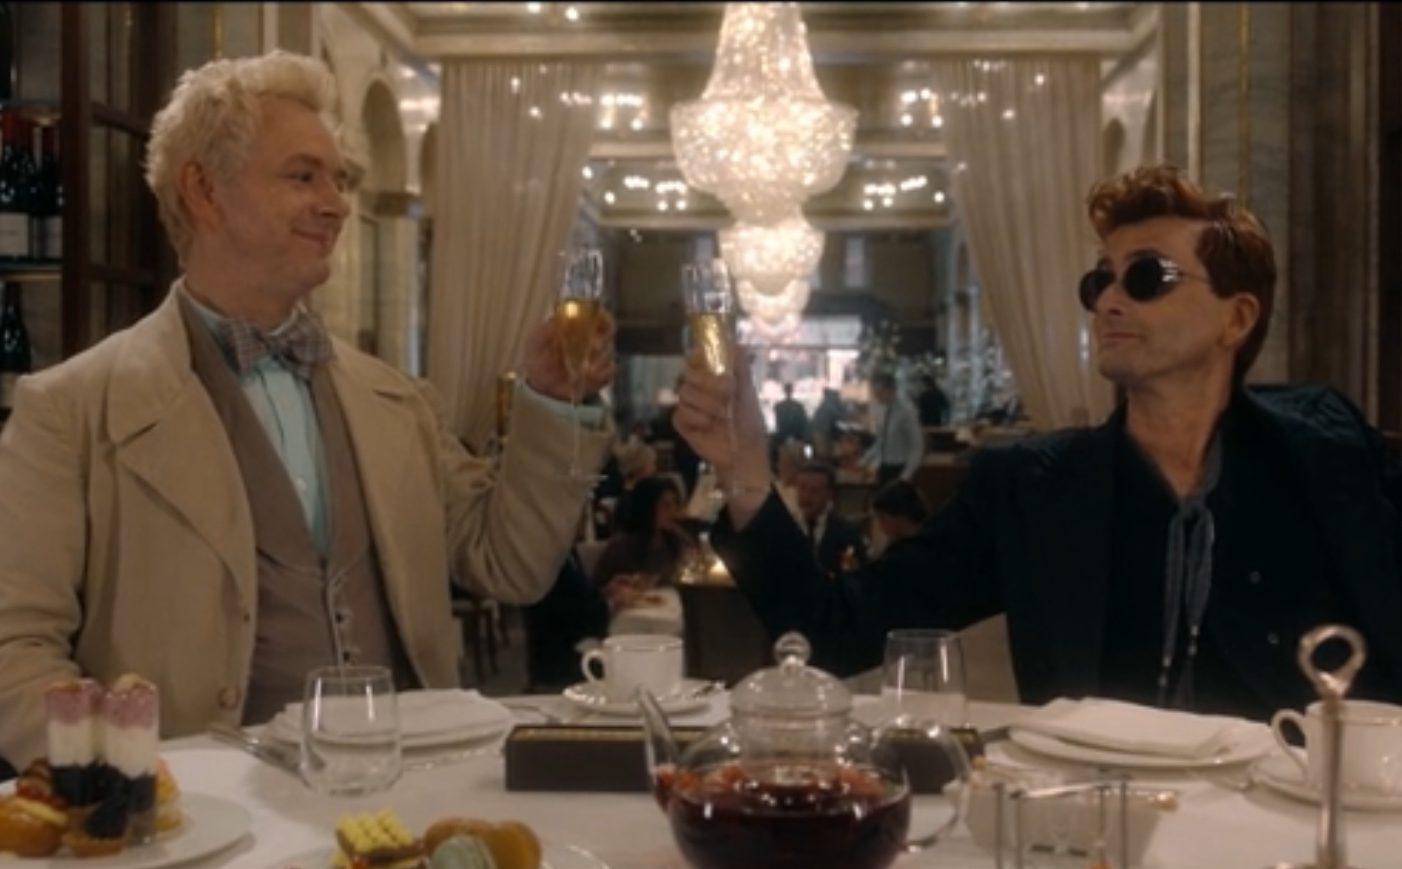 Les deux personnages sont au restaurant et trinquent